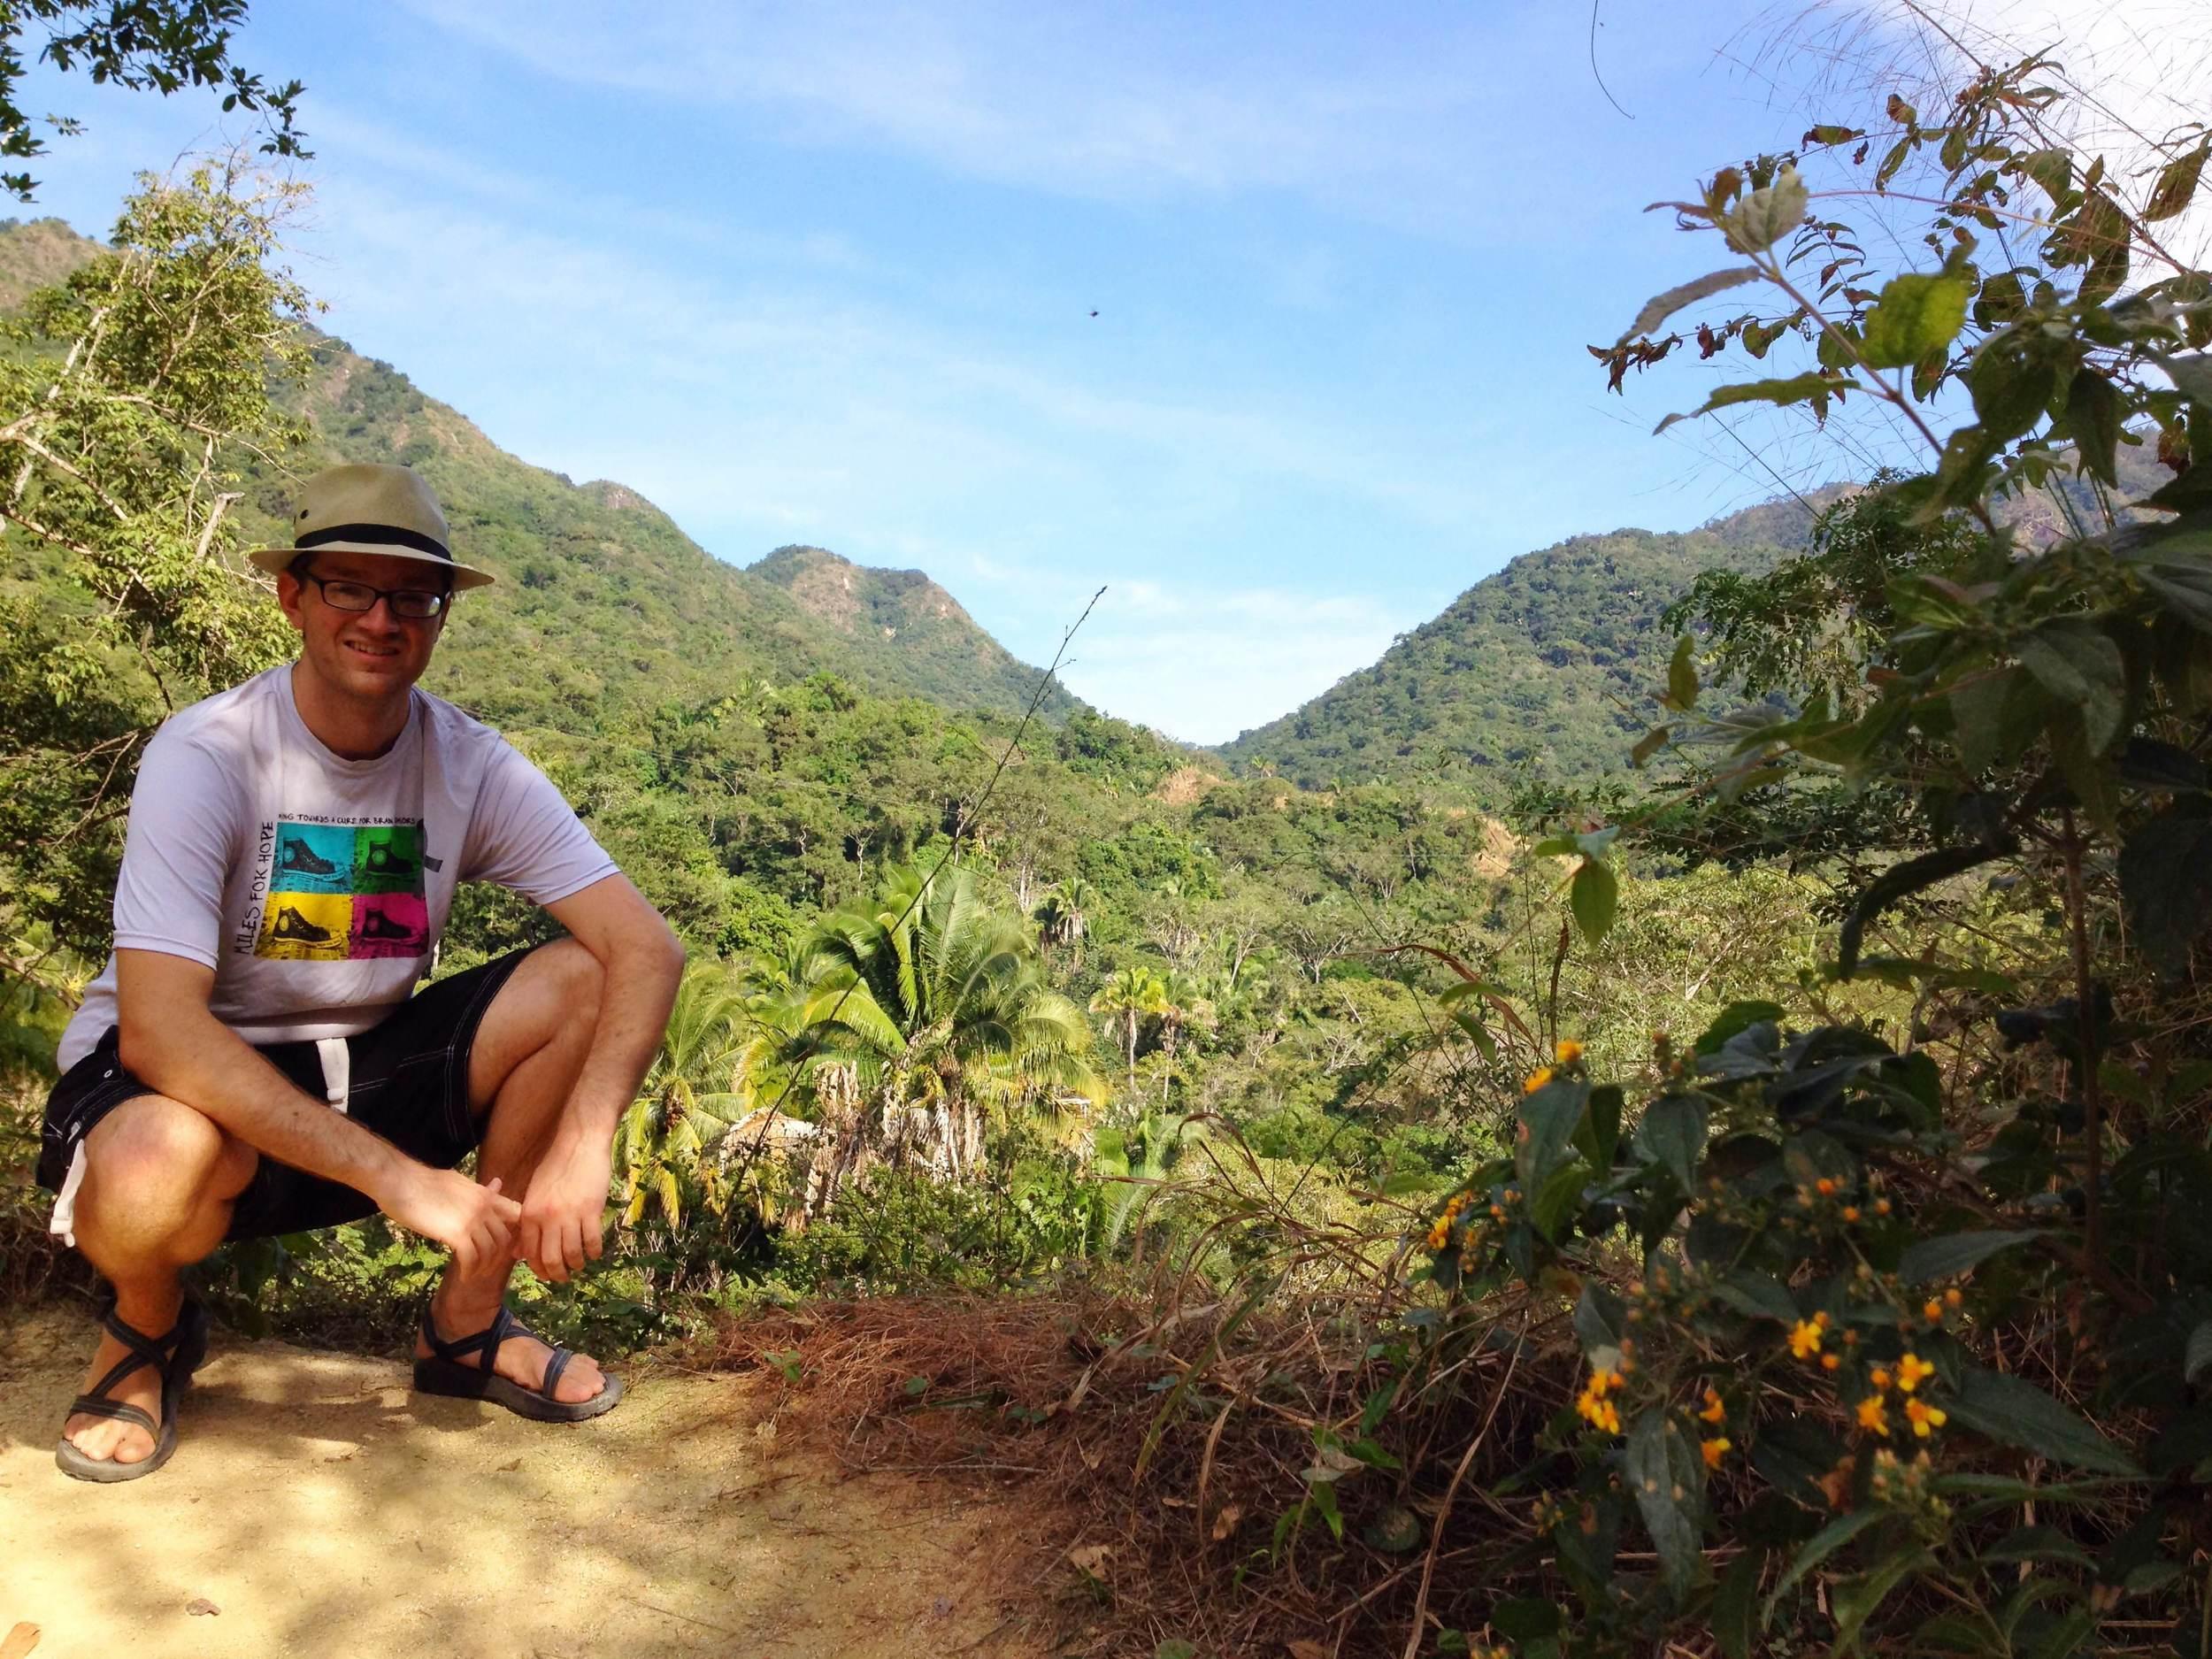 Hiking to El Eden, Mexico